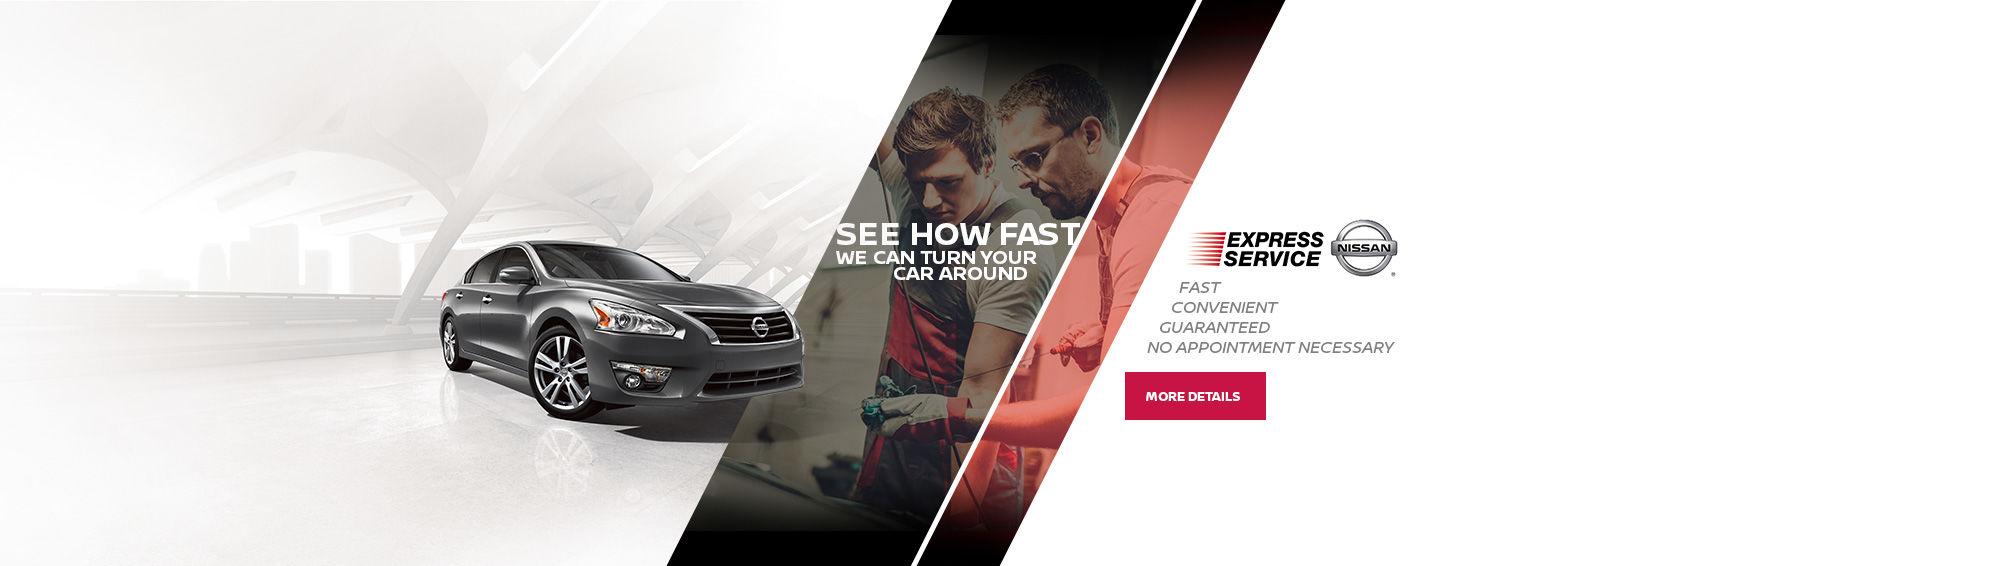 Nissans Express Service